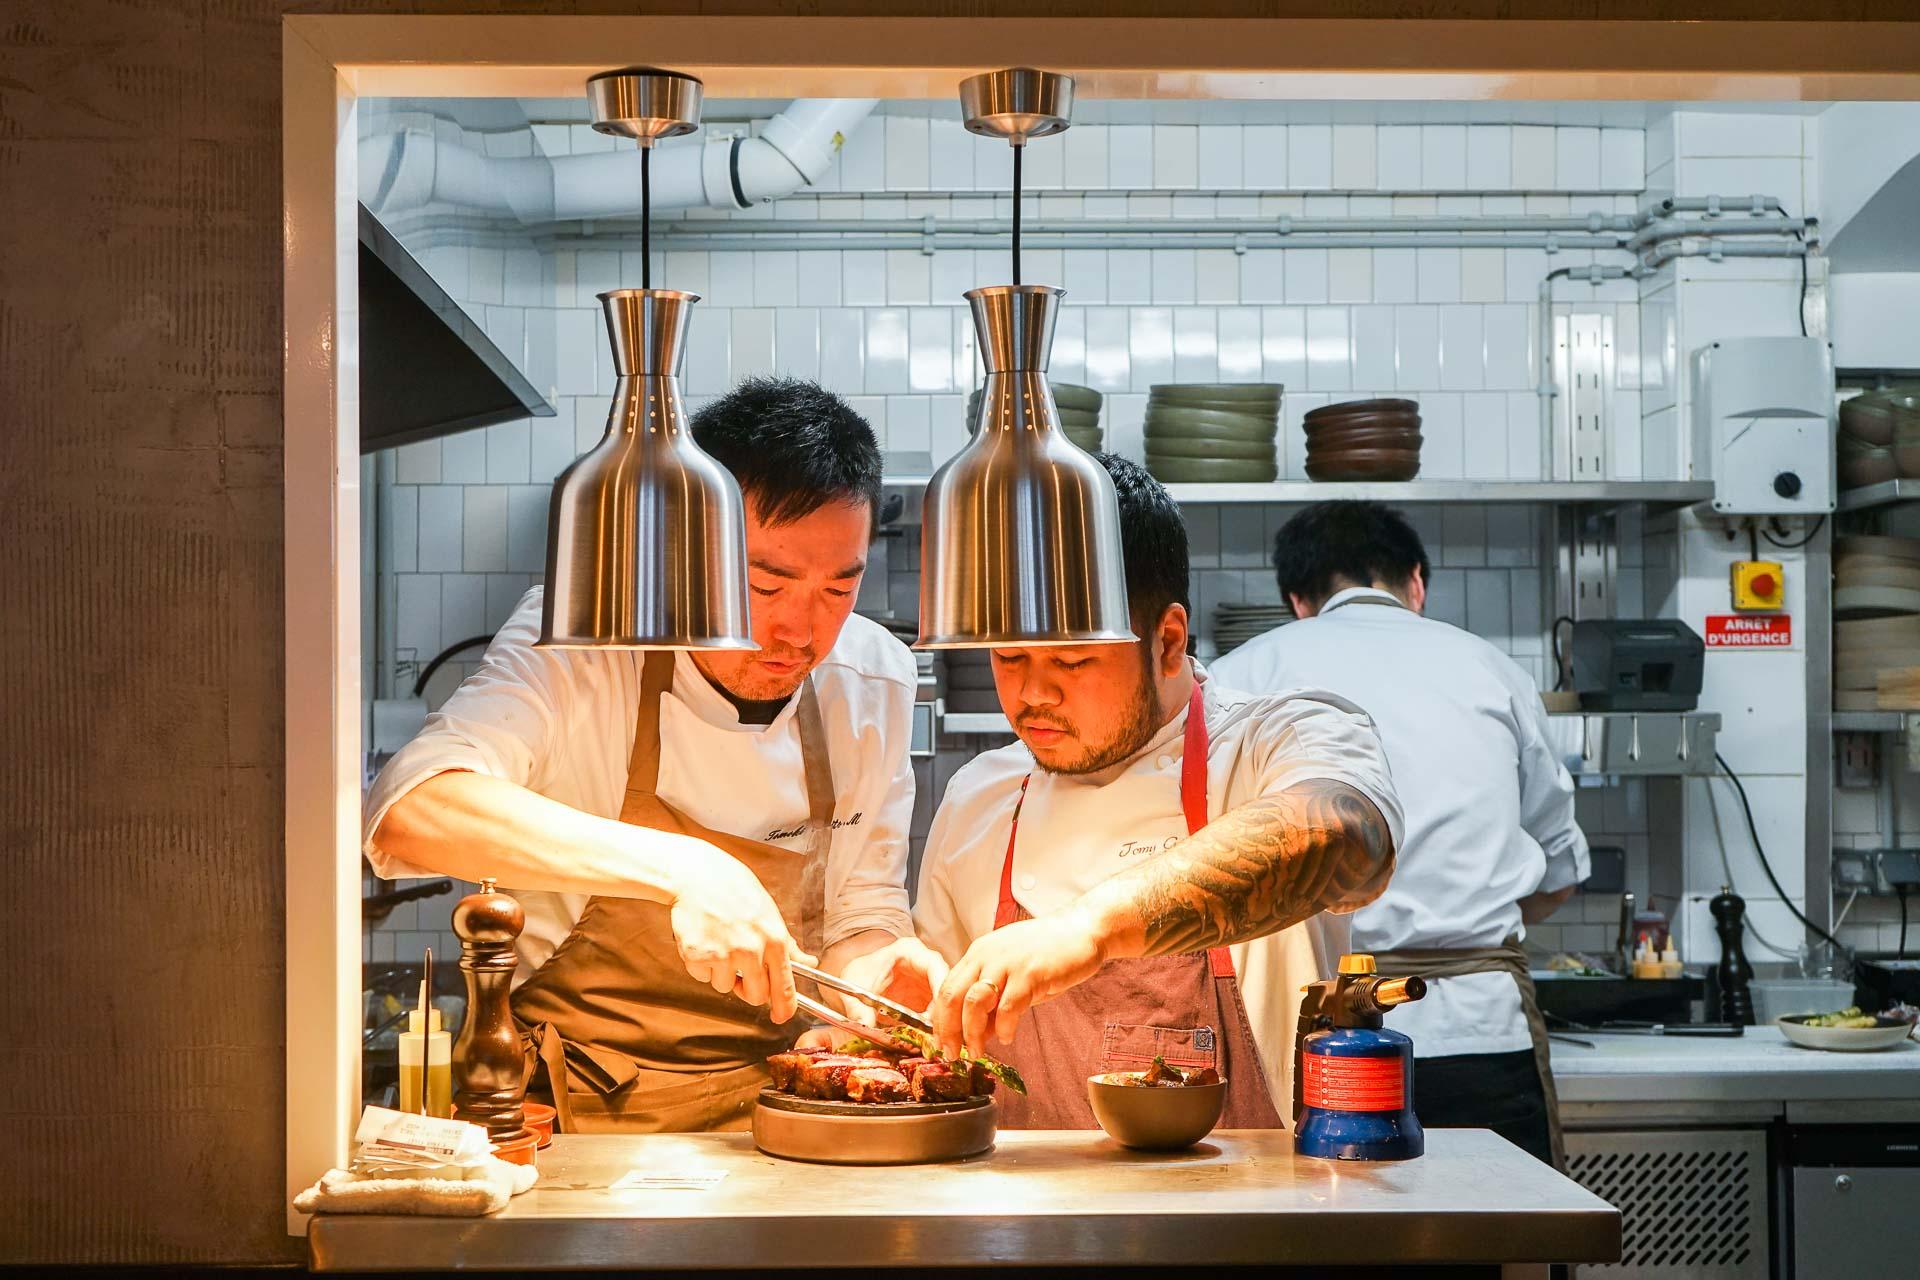 C'est l'une des ouvertures les plus attendues de l'hiver. Le talentueux Tomy Gousset vient d'inaugurer dans le 5ème arrondissementson second restaurant parisien, Hugo&co, seulement 18 mois après avoir dévoilé l'excellent TOMY&co. On l'a testé pour vous.